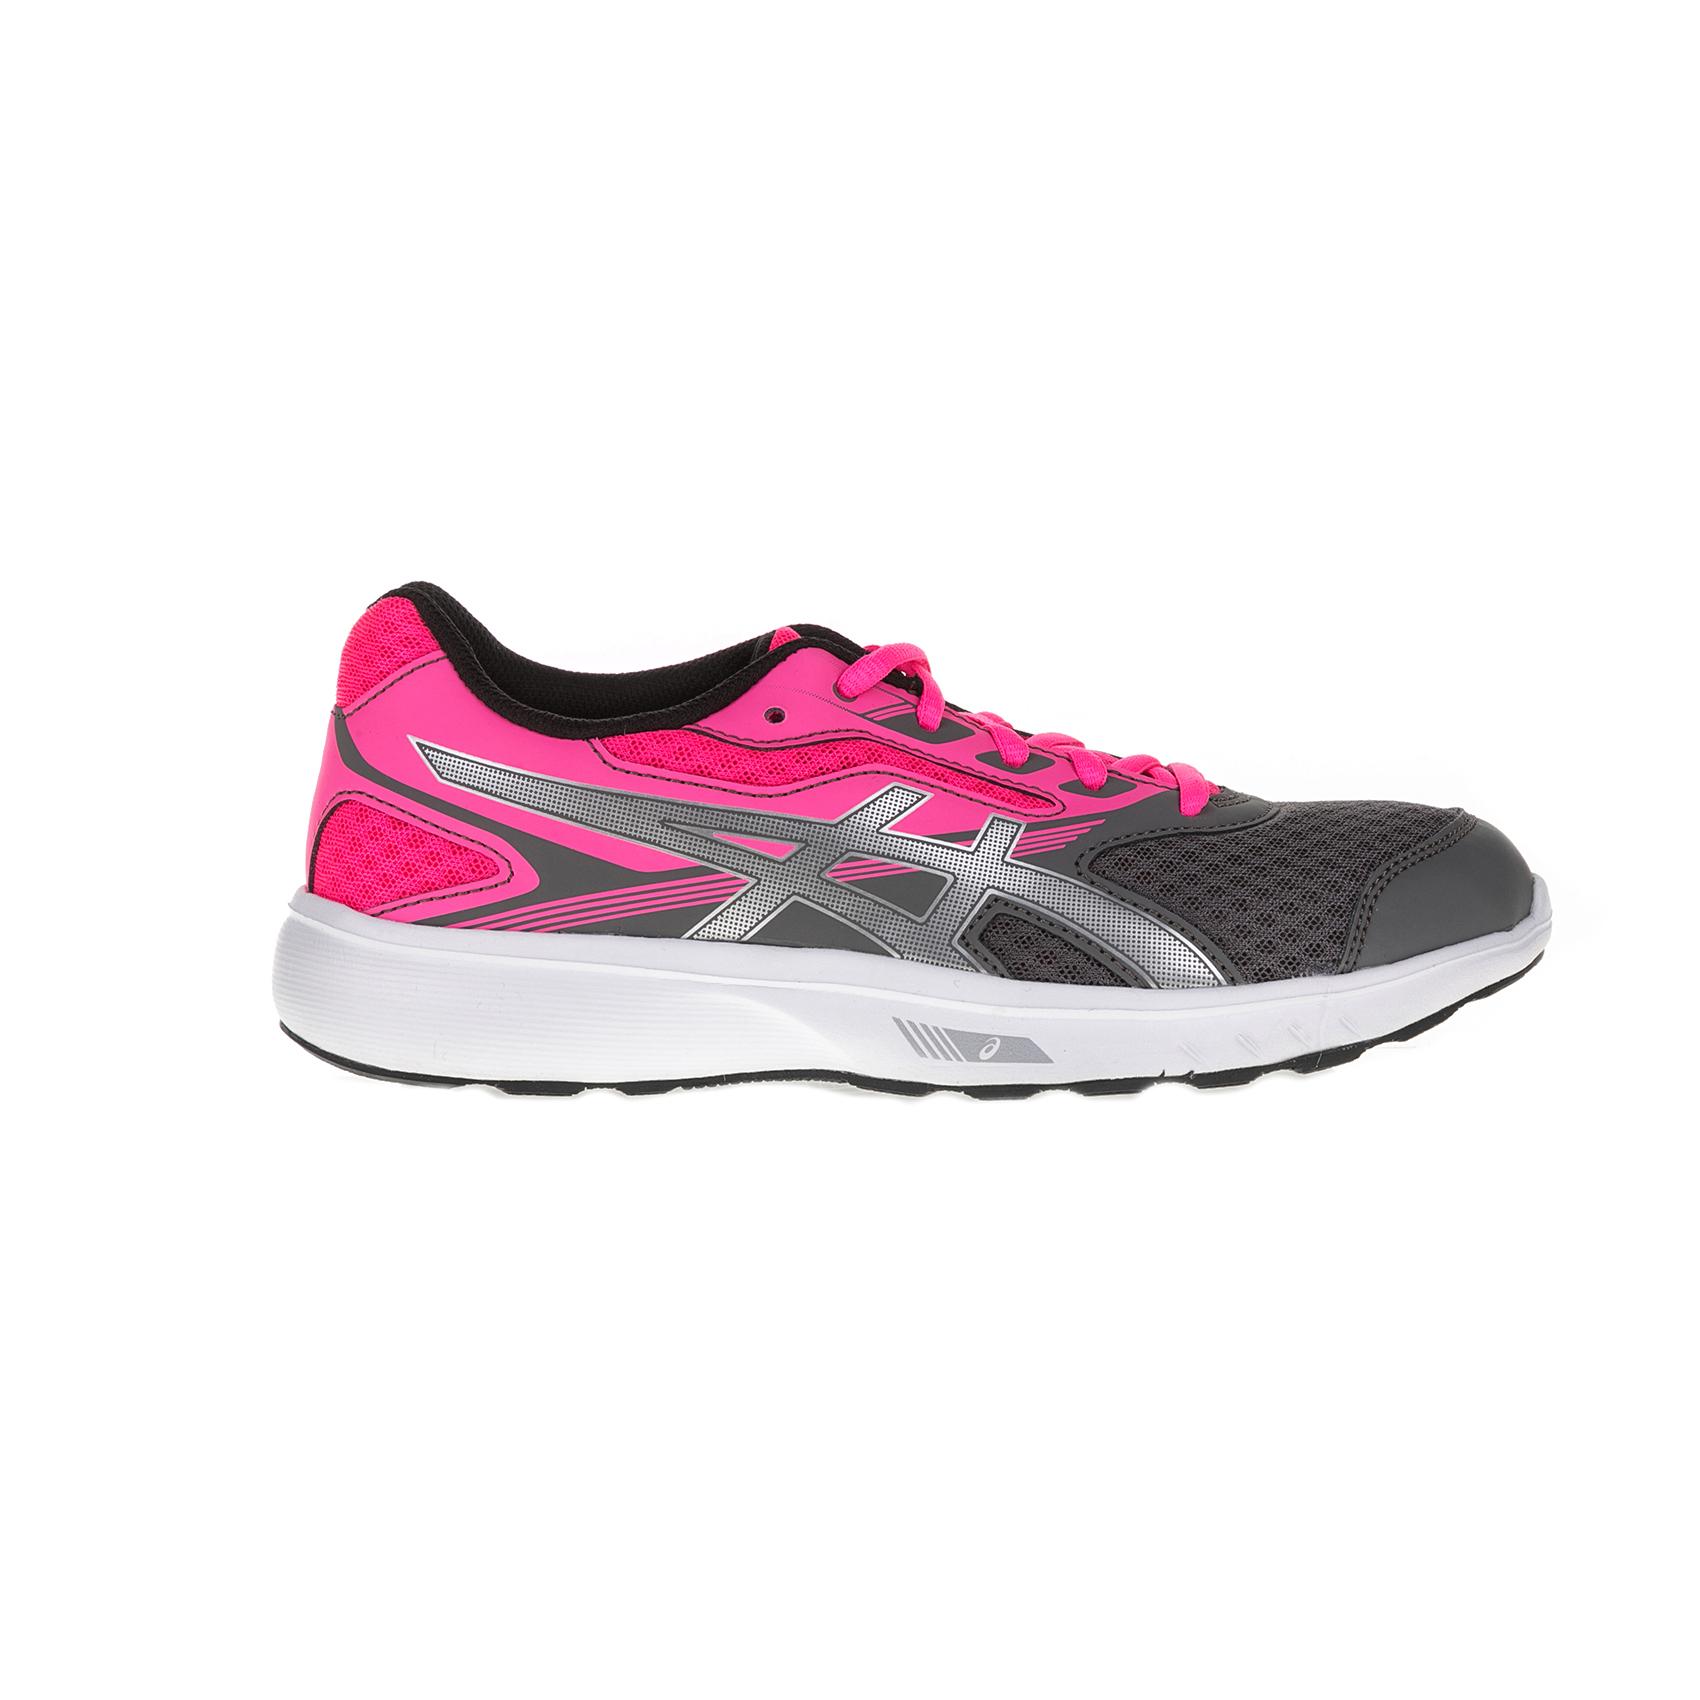 b603a7b1f50 ASICS - Παιδικά αθλητικά παπούτσια ASICS STORMER GS γκρι-ροζ